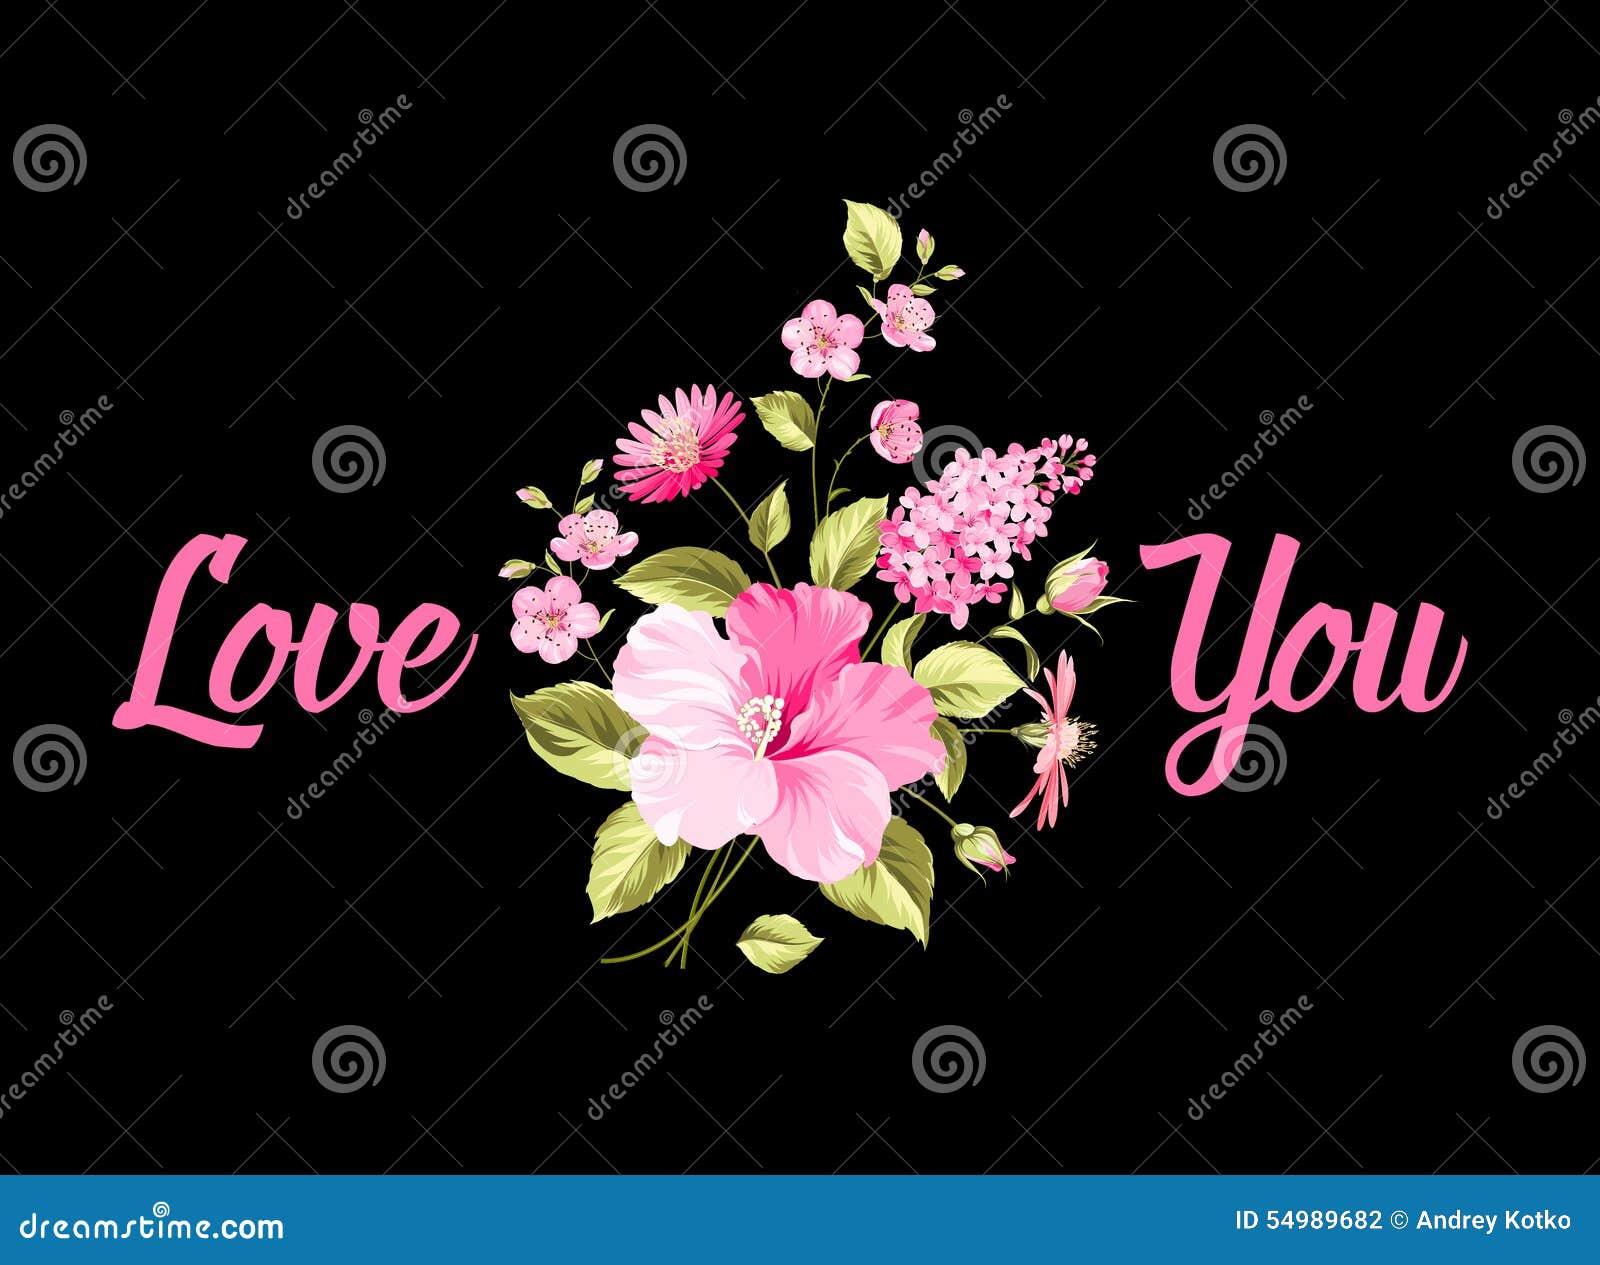 Bukett av blommor jag älskar dig